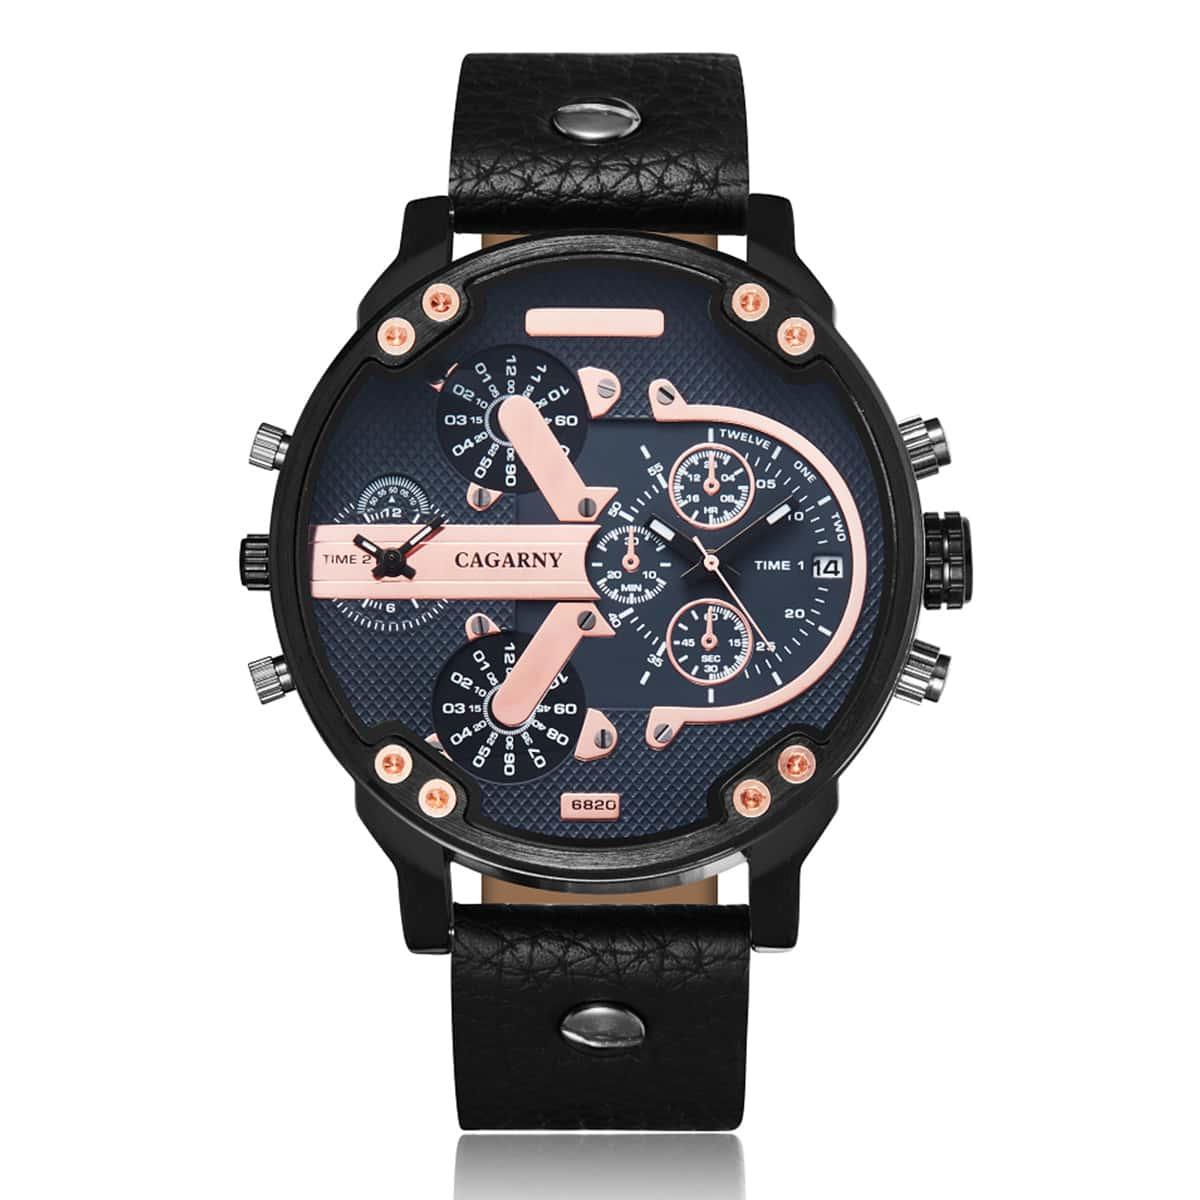 Мужской Кварцевые часы с датой мульти часовой пояс